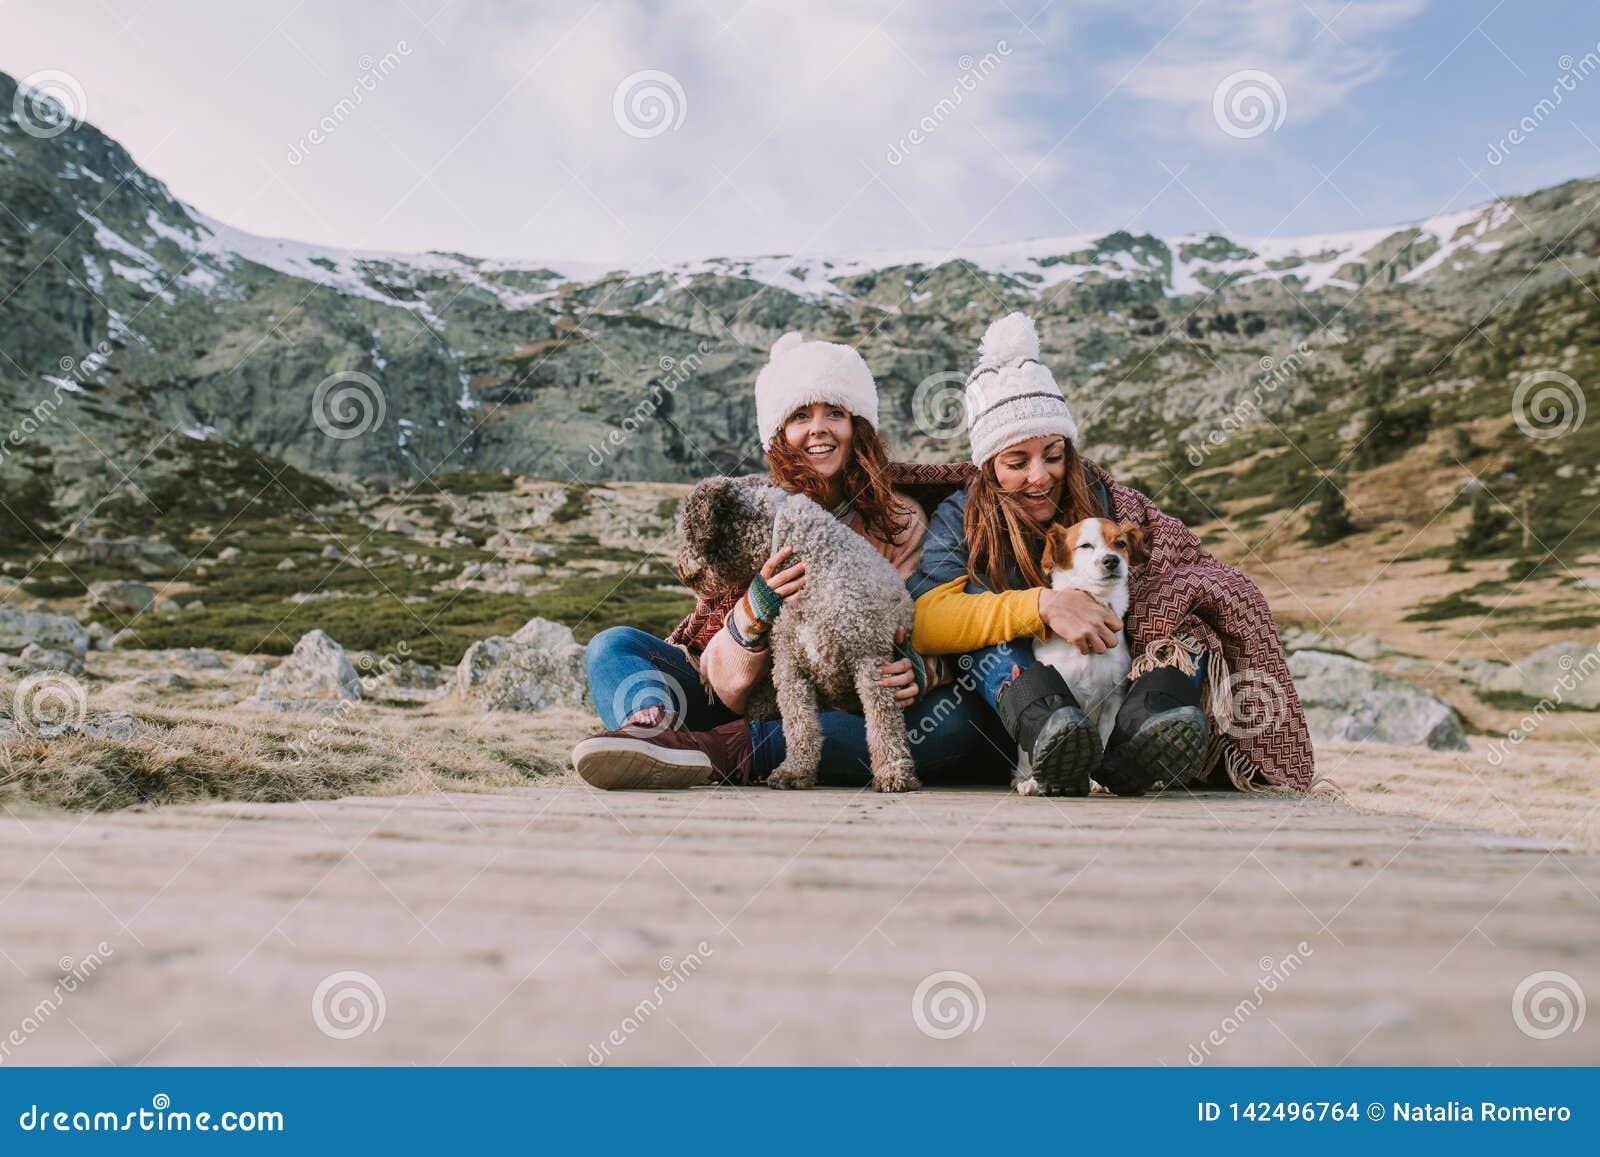 两年轻女人使用与他们的狗在草甸中间